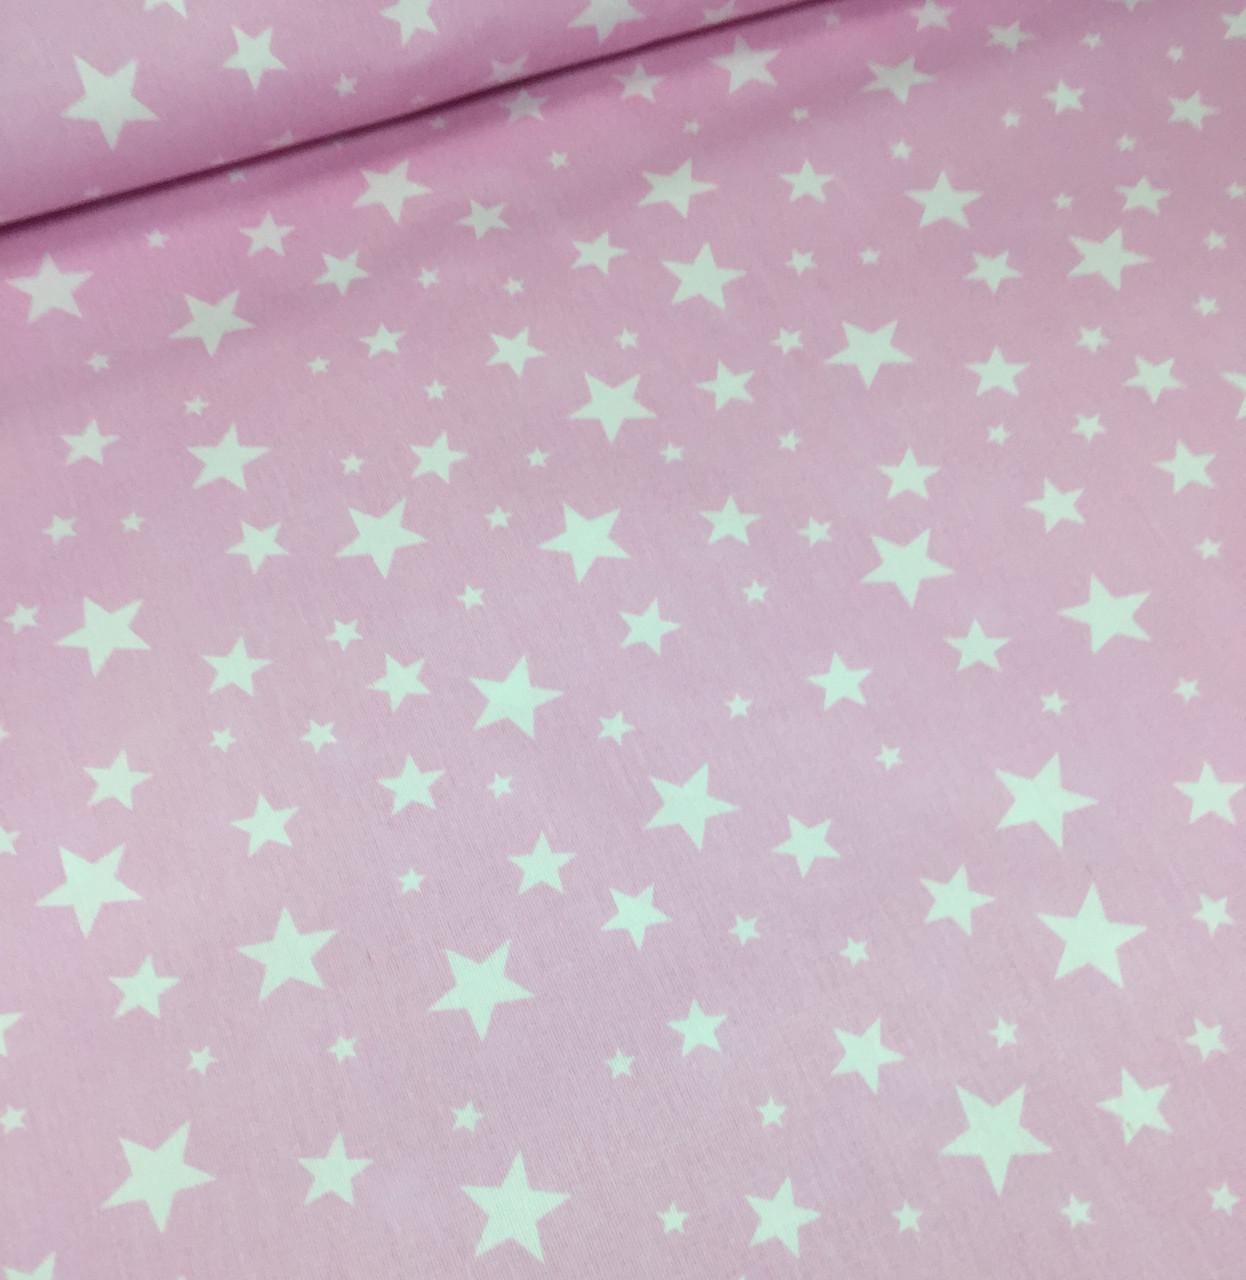 Хлопковая ткань польская звезды белые большие и маленькие на розовом №383